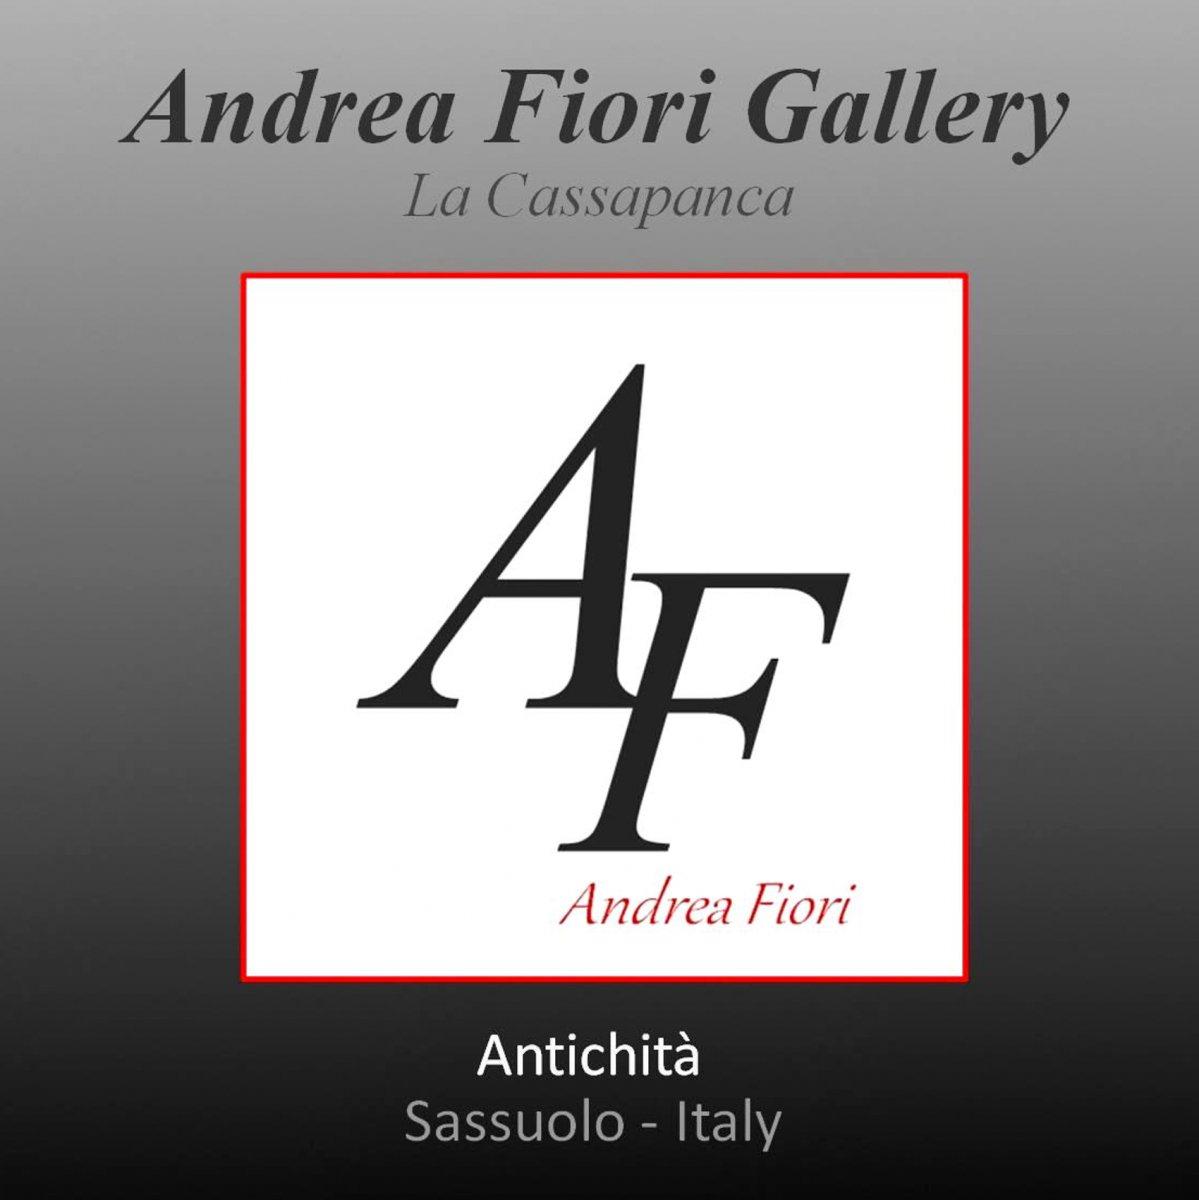 Andrea Fiori Gallery - La Cassapanca